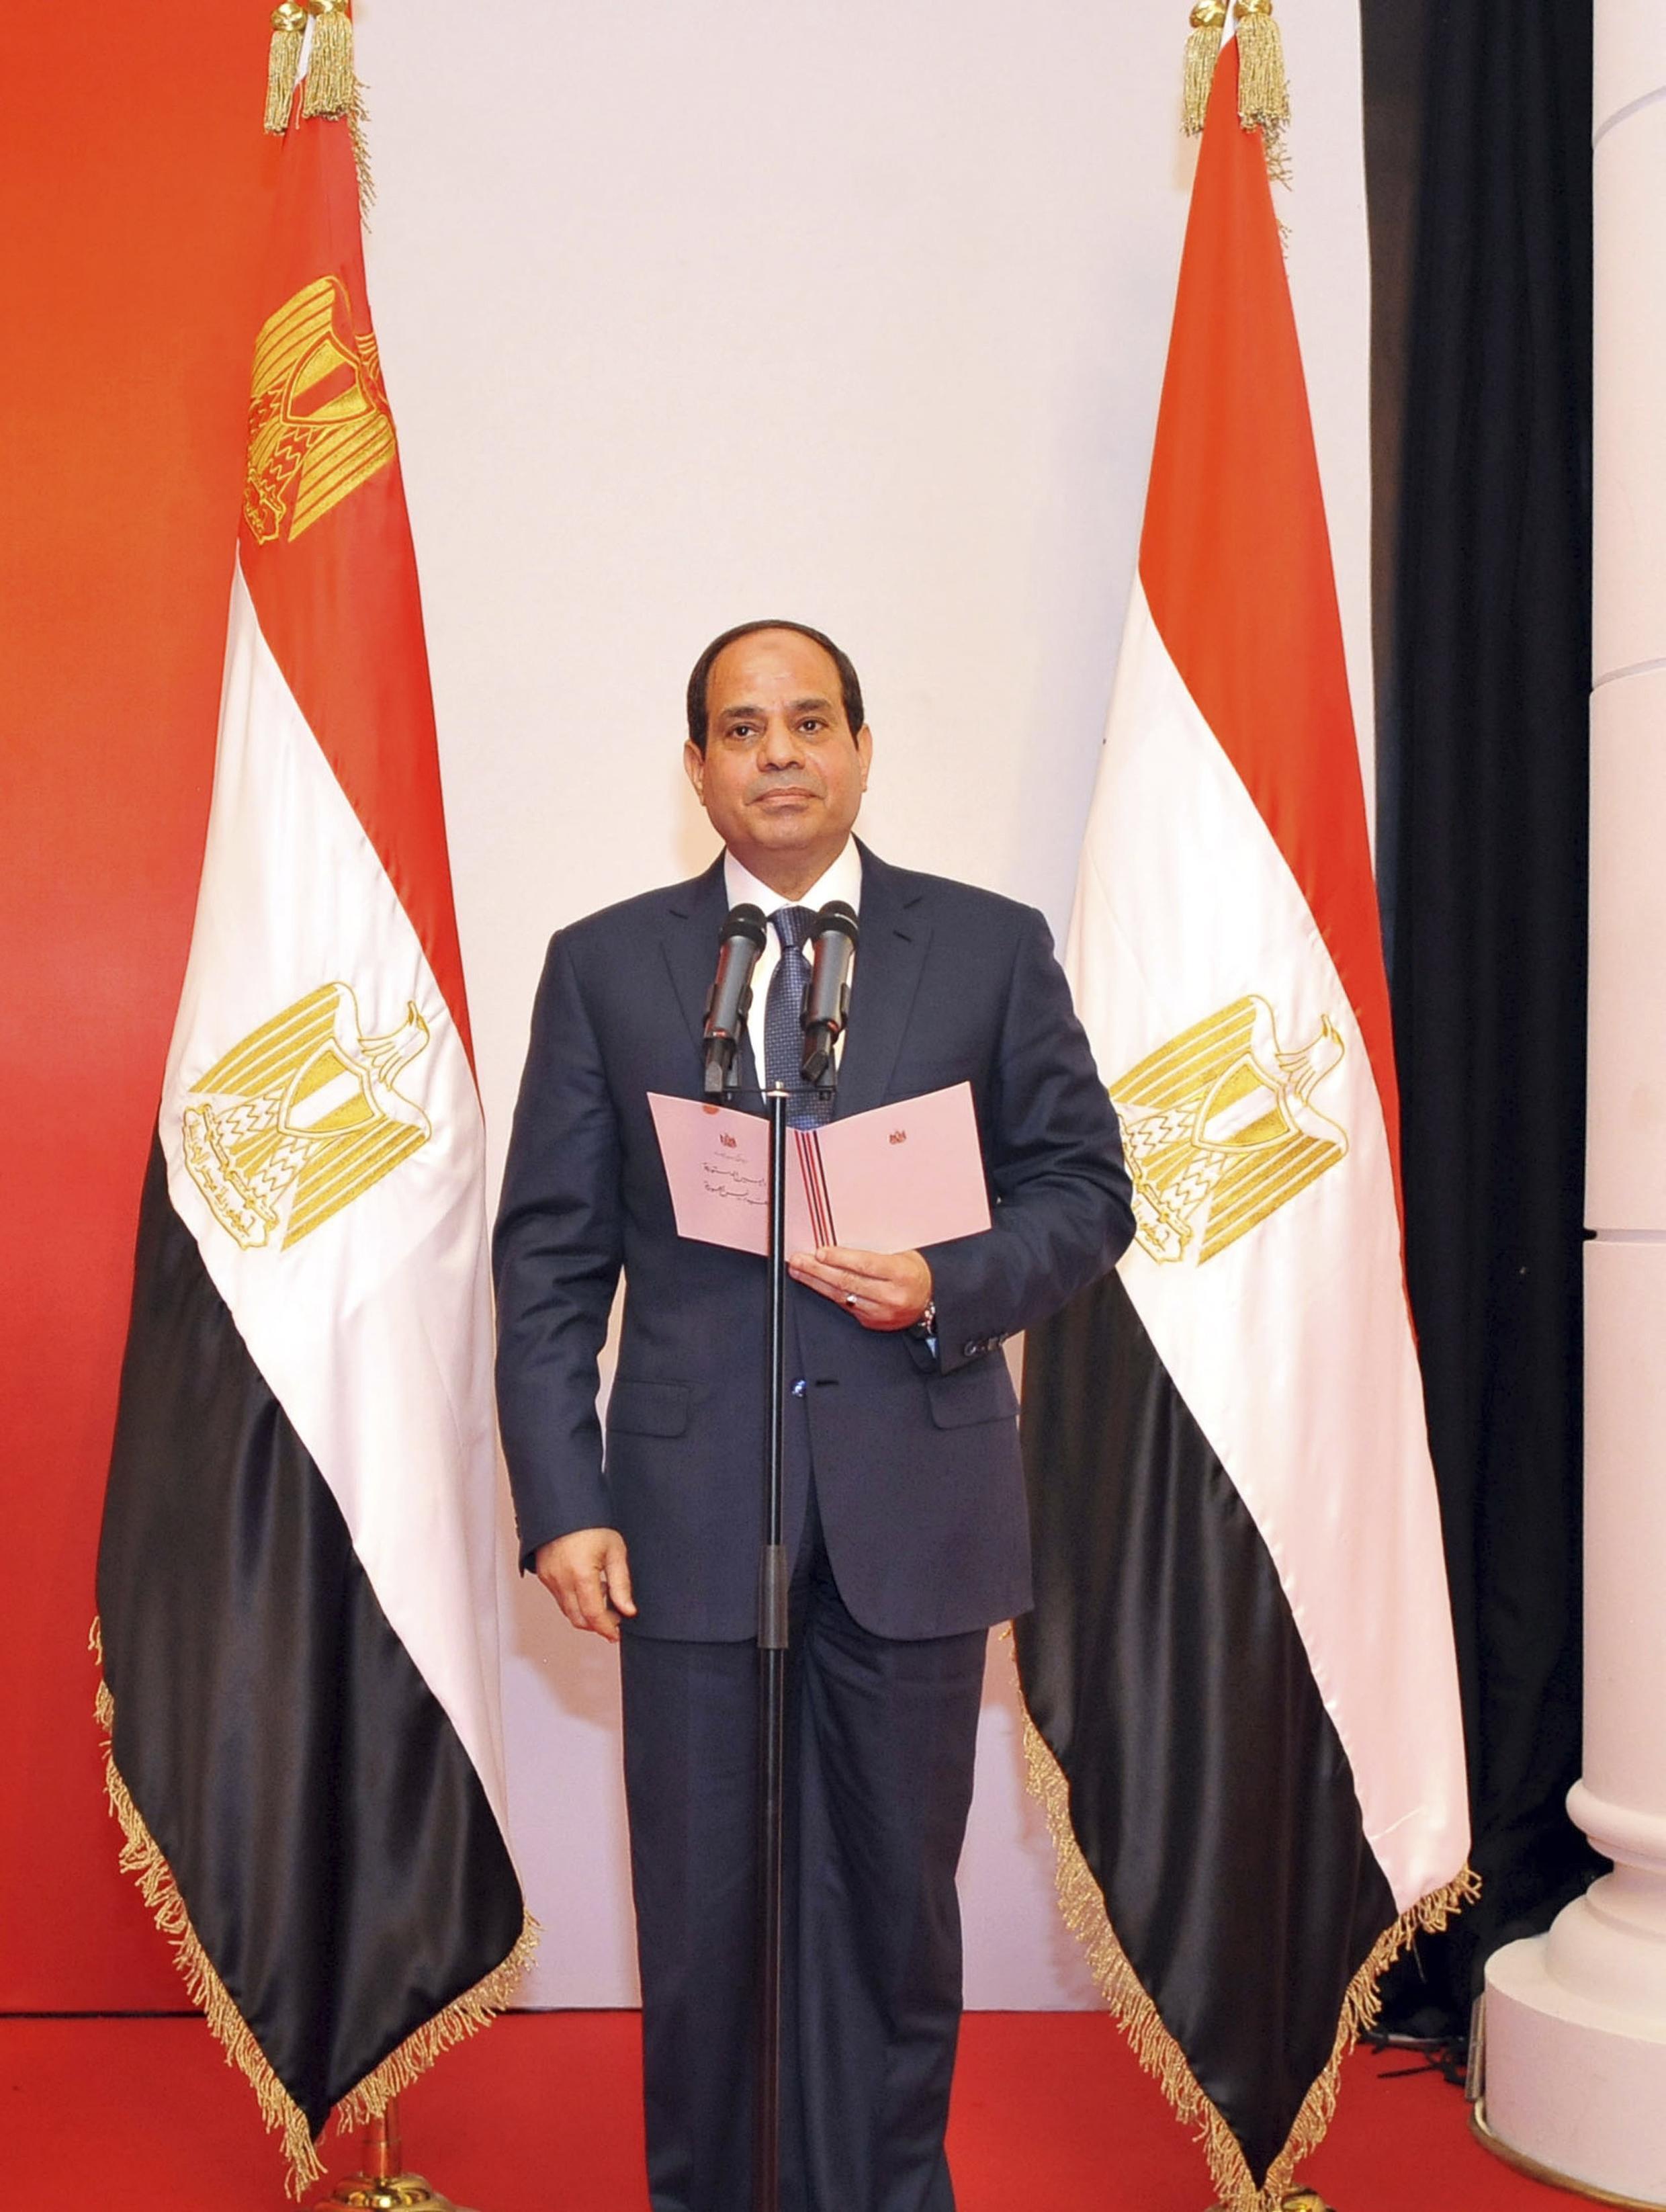 Sabon Shugaban kasar Masar Abdel Fattah al-Sisi